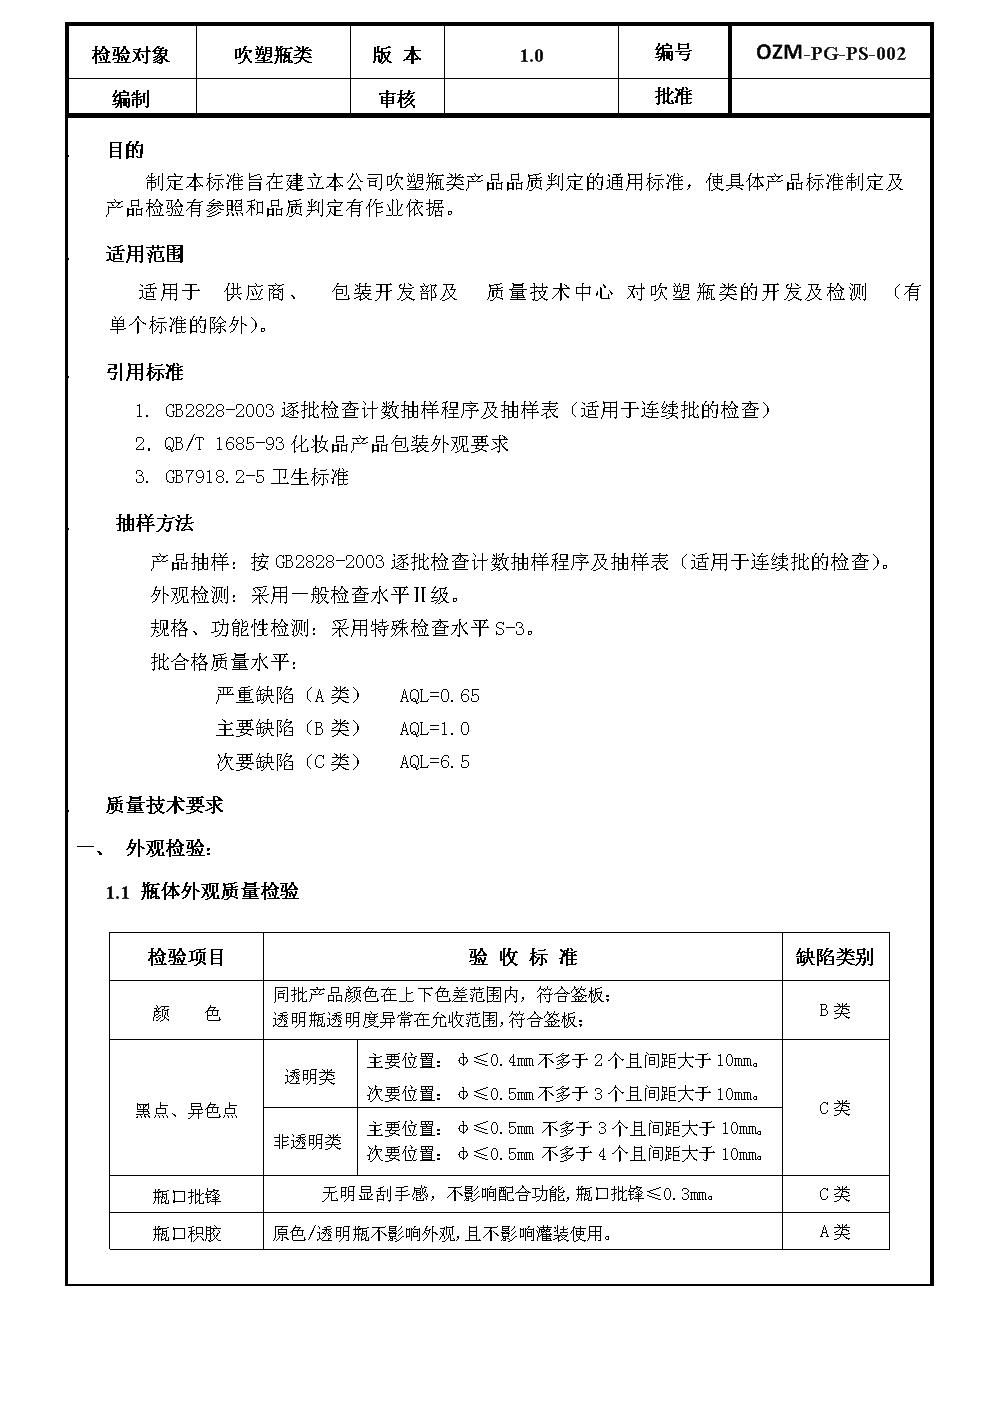 吹塑瓶质量验收标准.doc